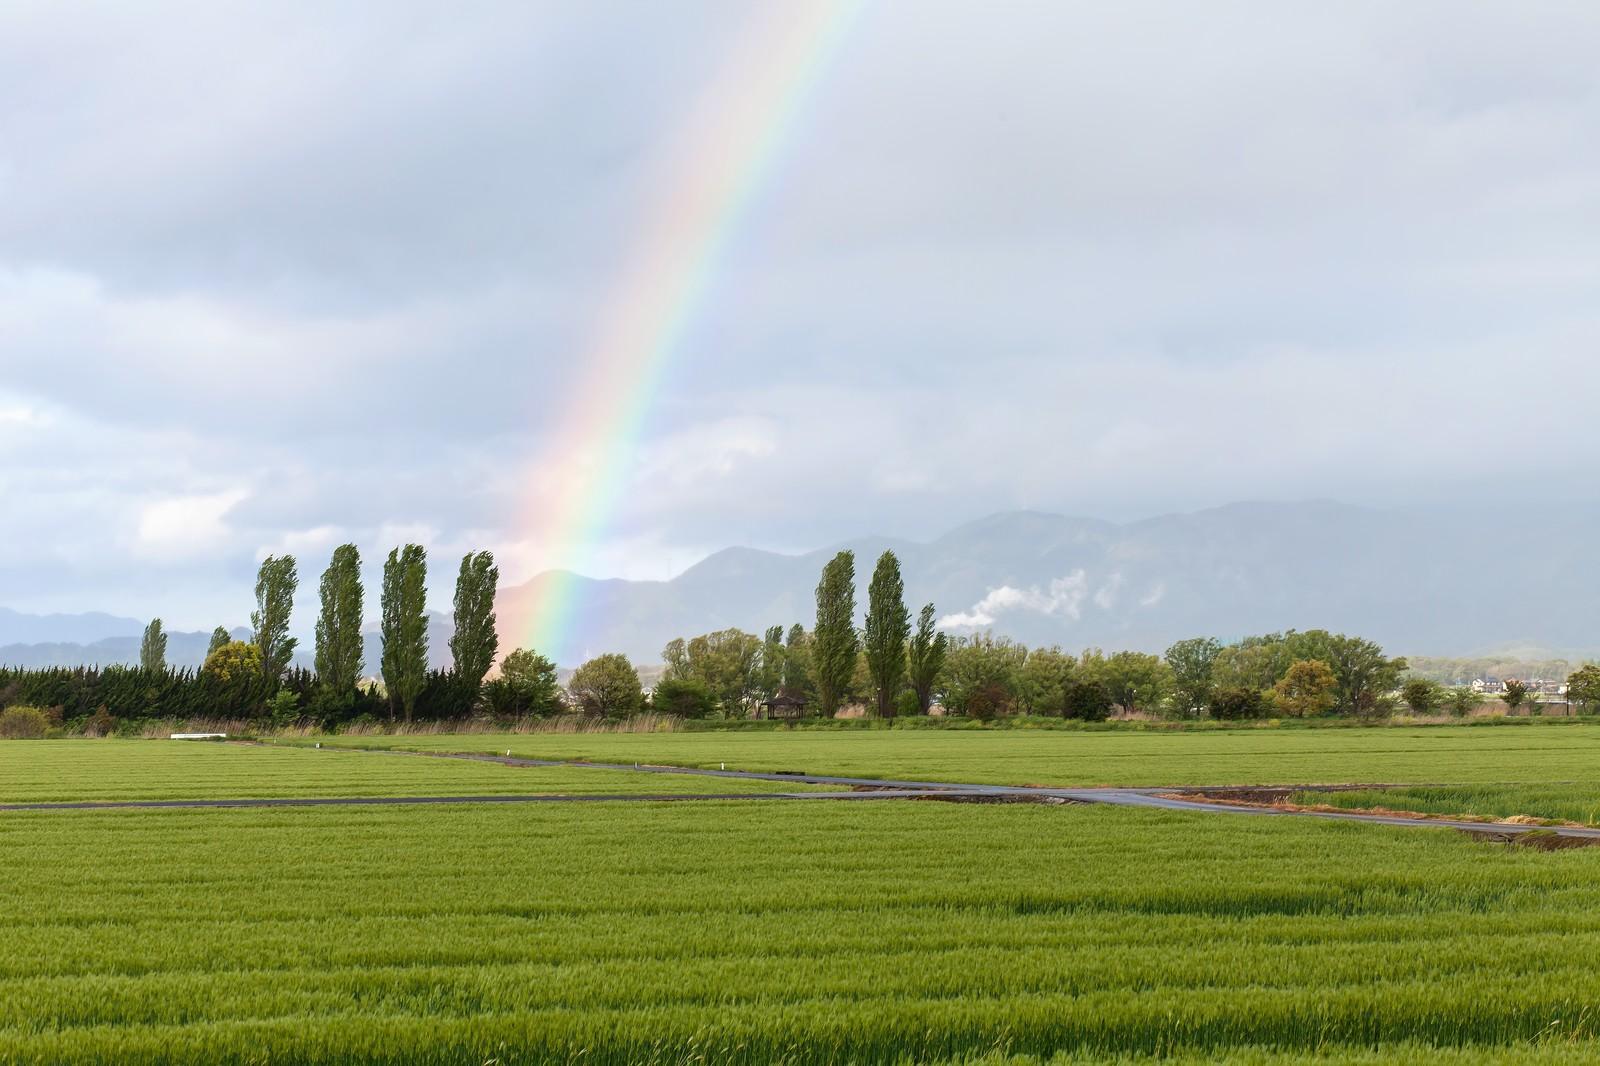 虹の7色と色が与える印象・効果